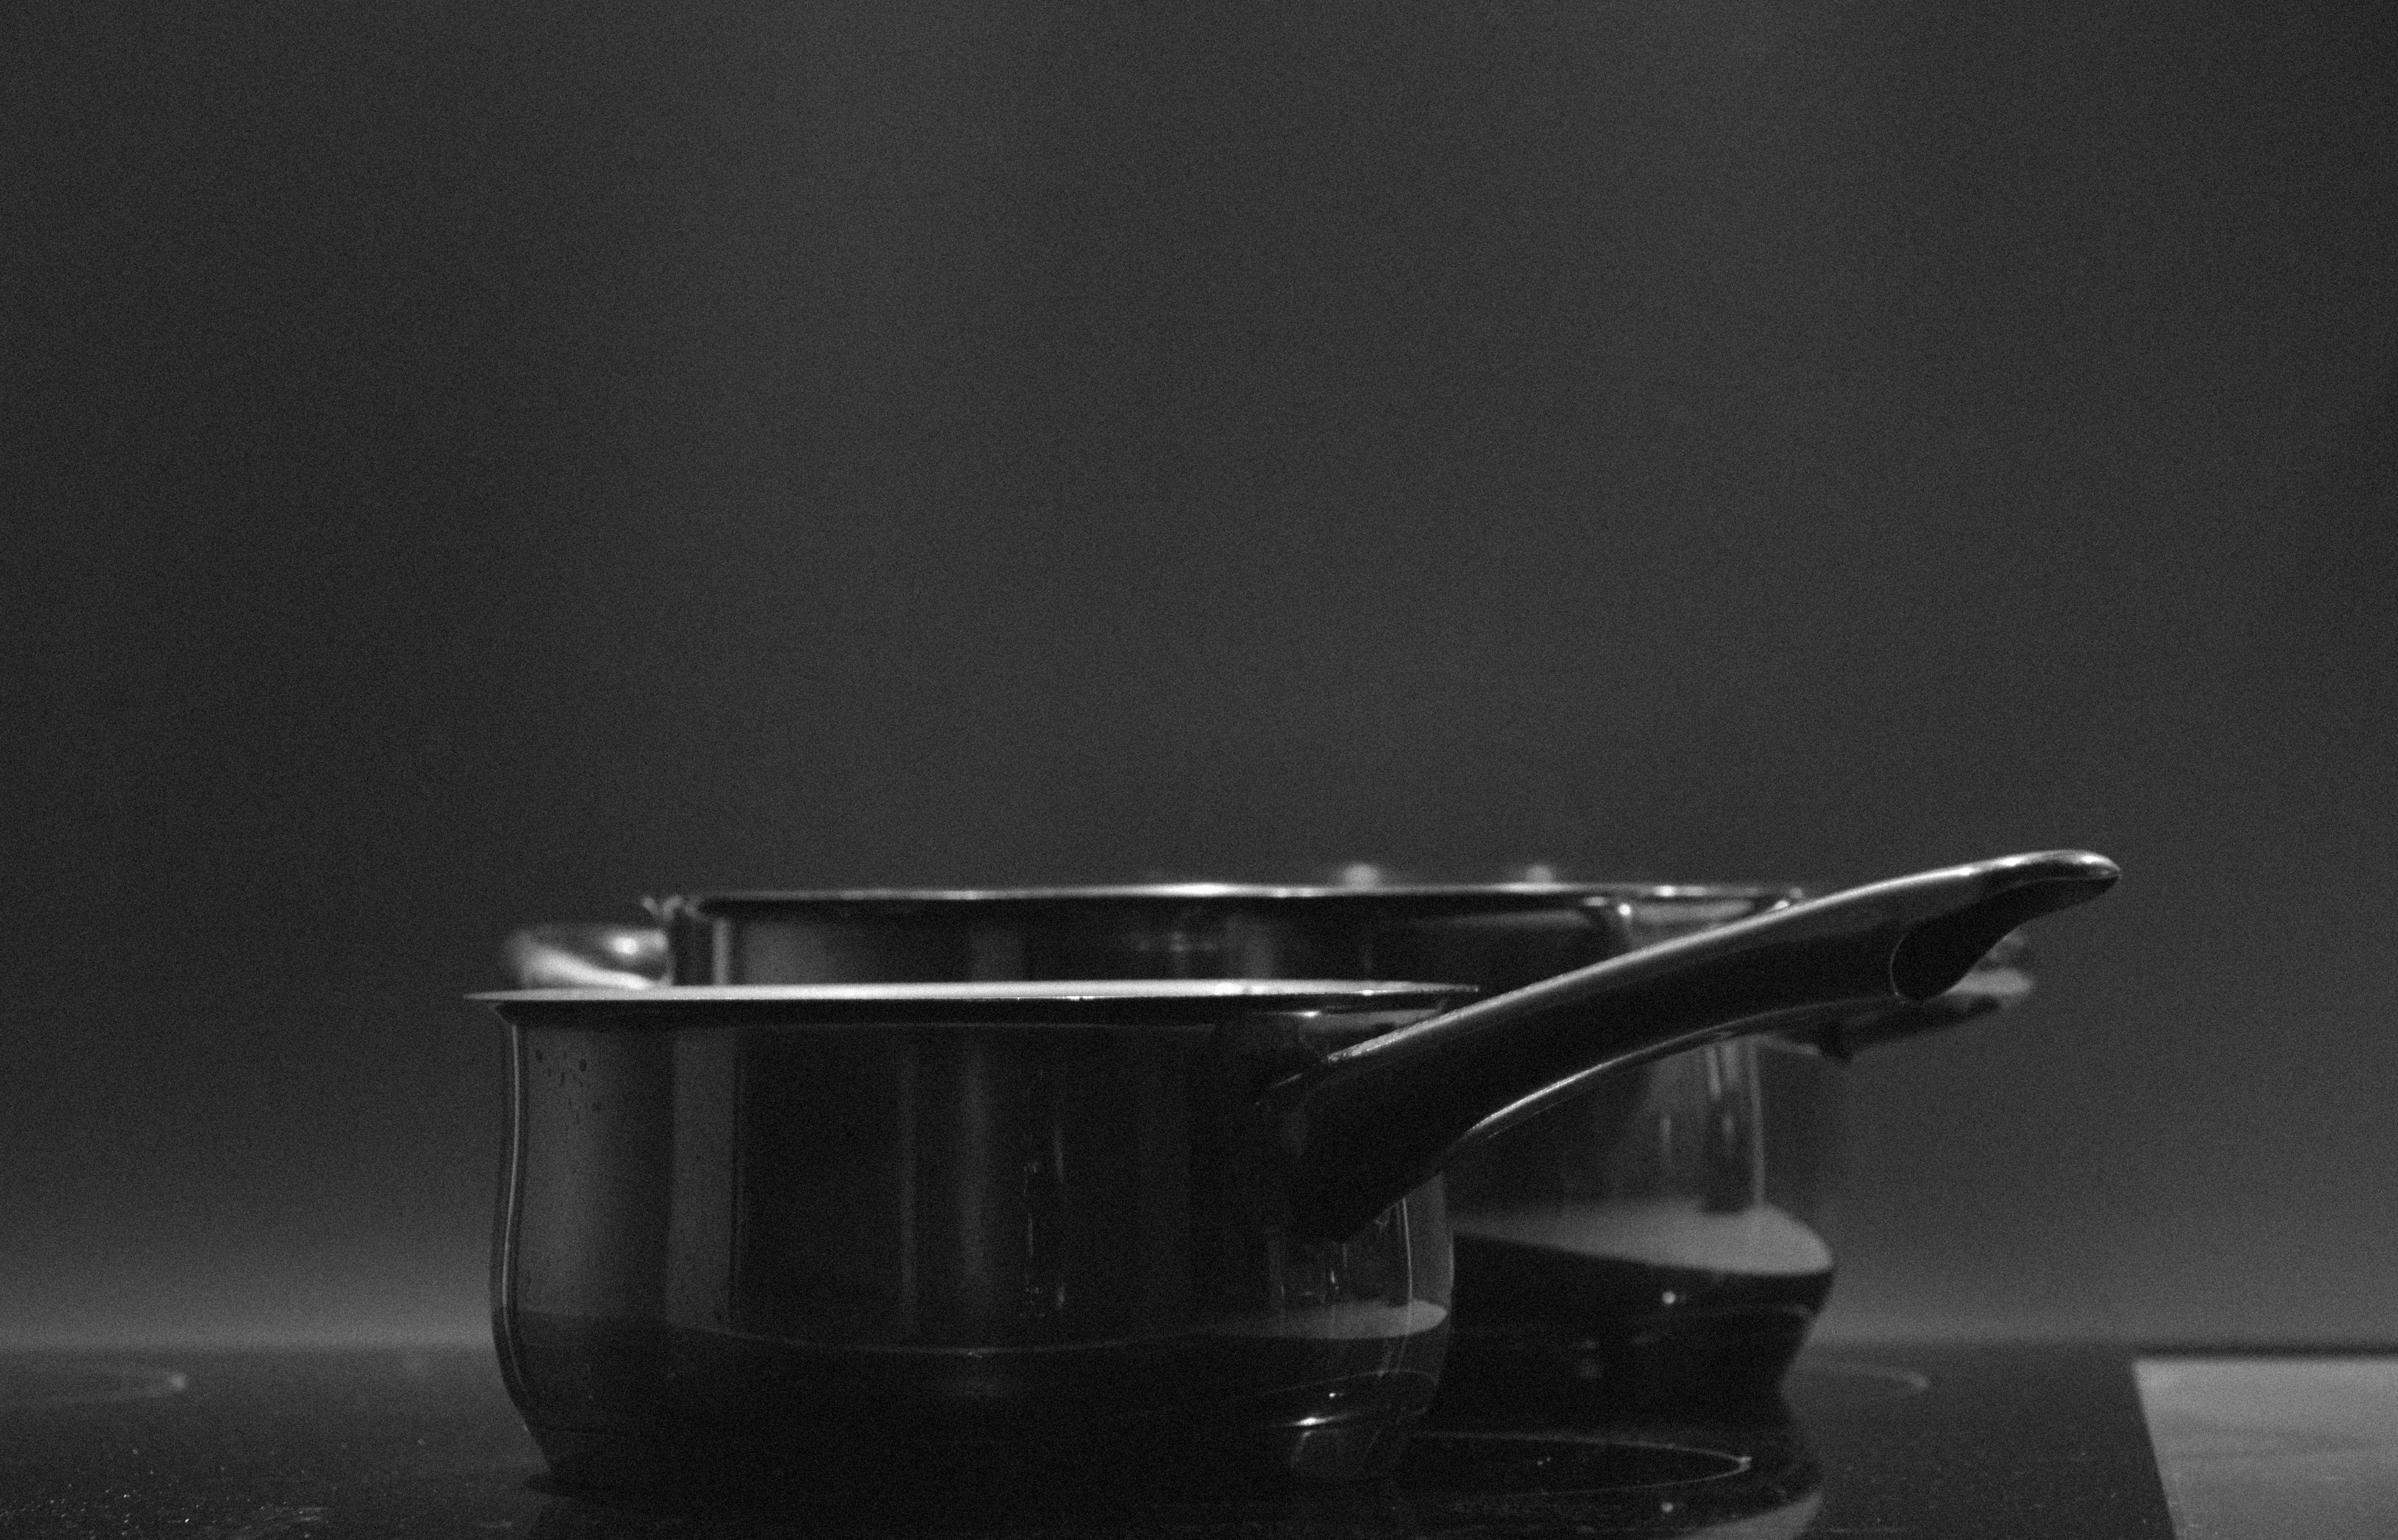 Gambar Hitam Dan Putih Satu Warna Masih Hidup Keran Peralatan Dapur Cookware Hidup Masih Fotografi Fotografi Monokrom Peralatan Memasak Pot Memasak Kompor Listrik 5911x3797 1052952 Galeri Foto Pxhere